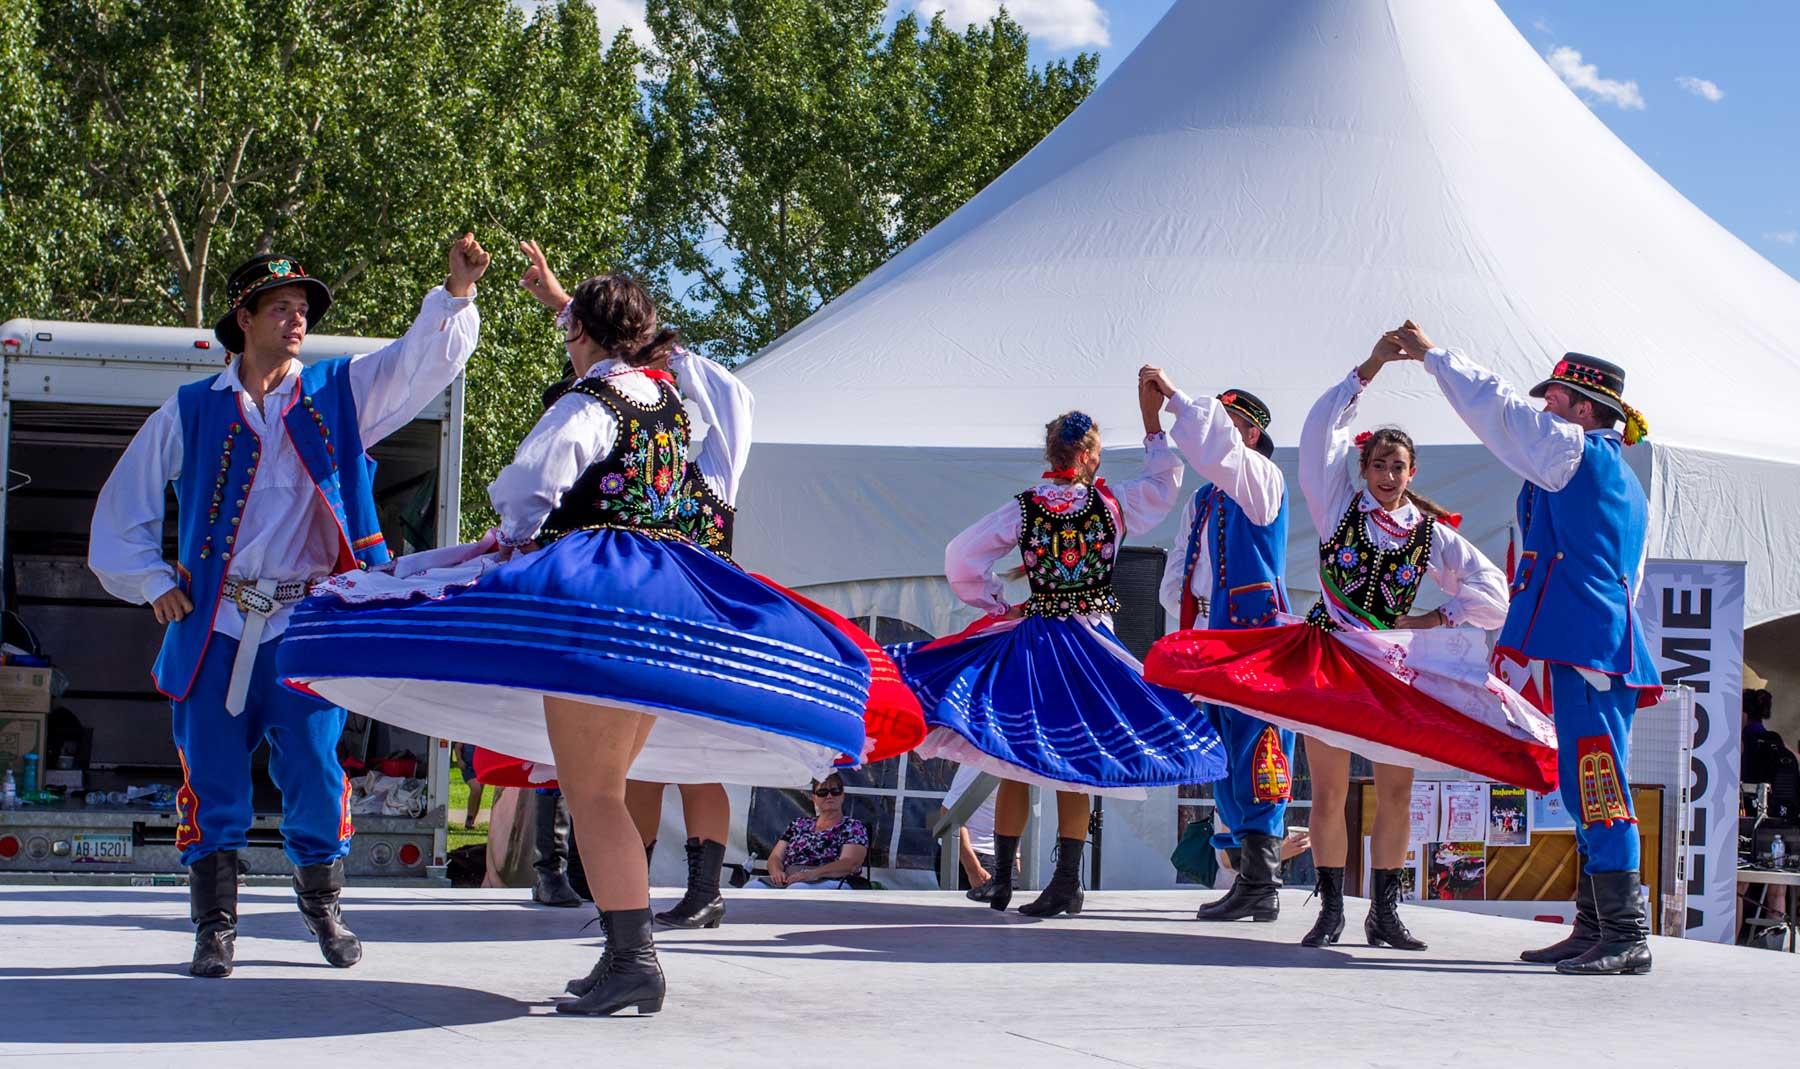 Polish dancing, Edmonton, Alberta, 2012